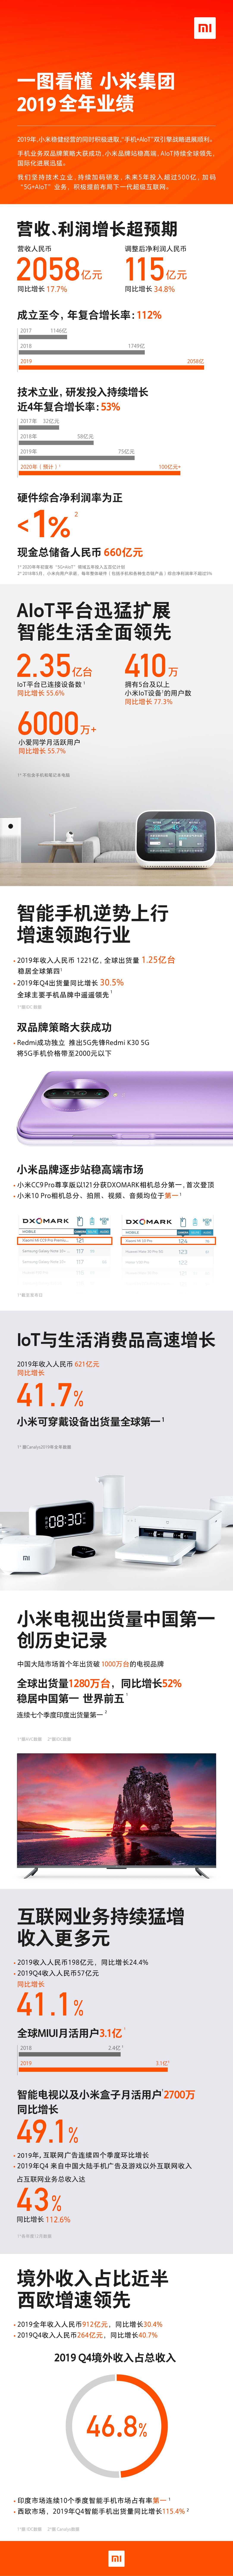 小米集团公布2019年财报,境外收入增长40.7%,占总收入46.8%